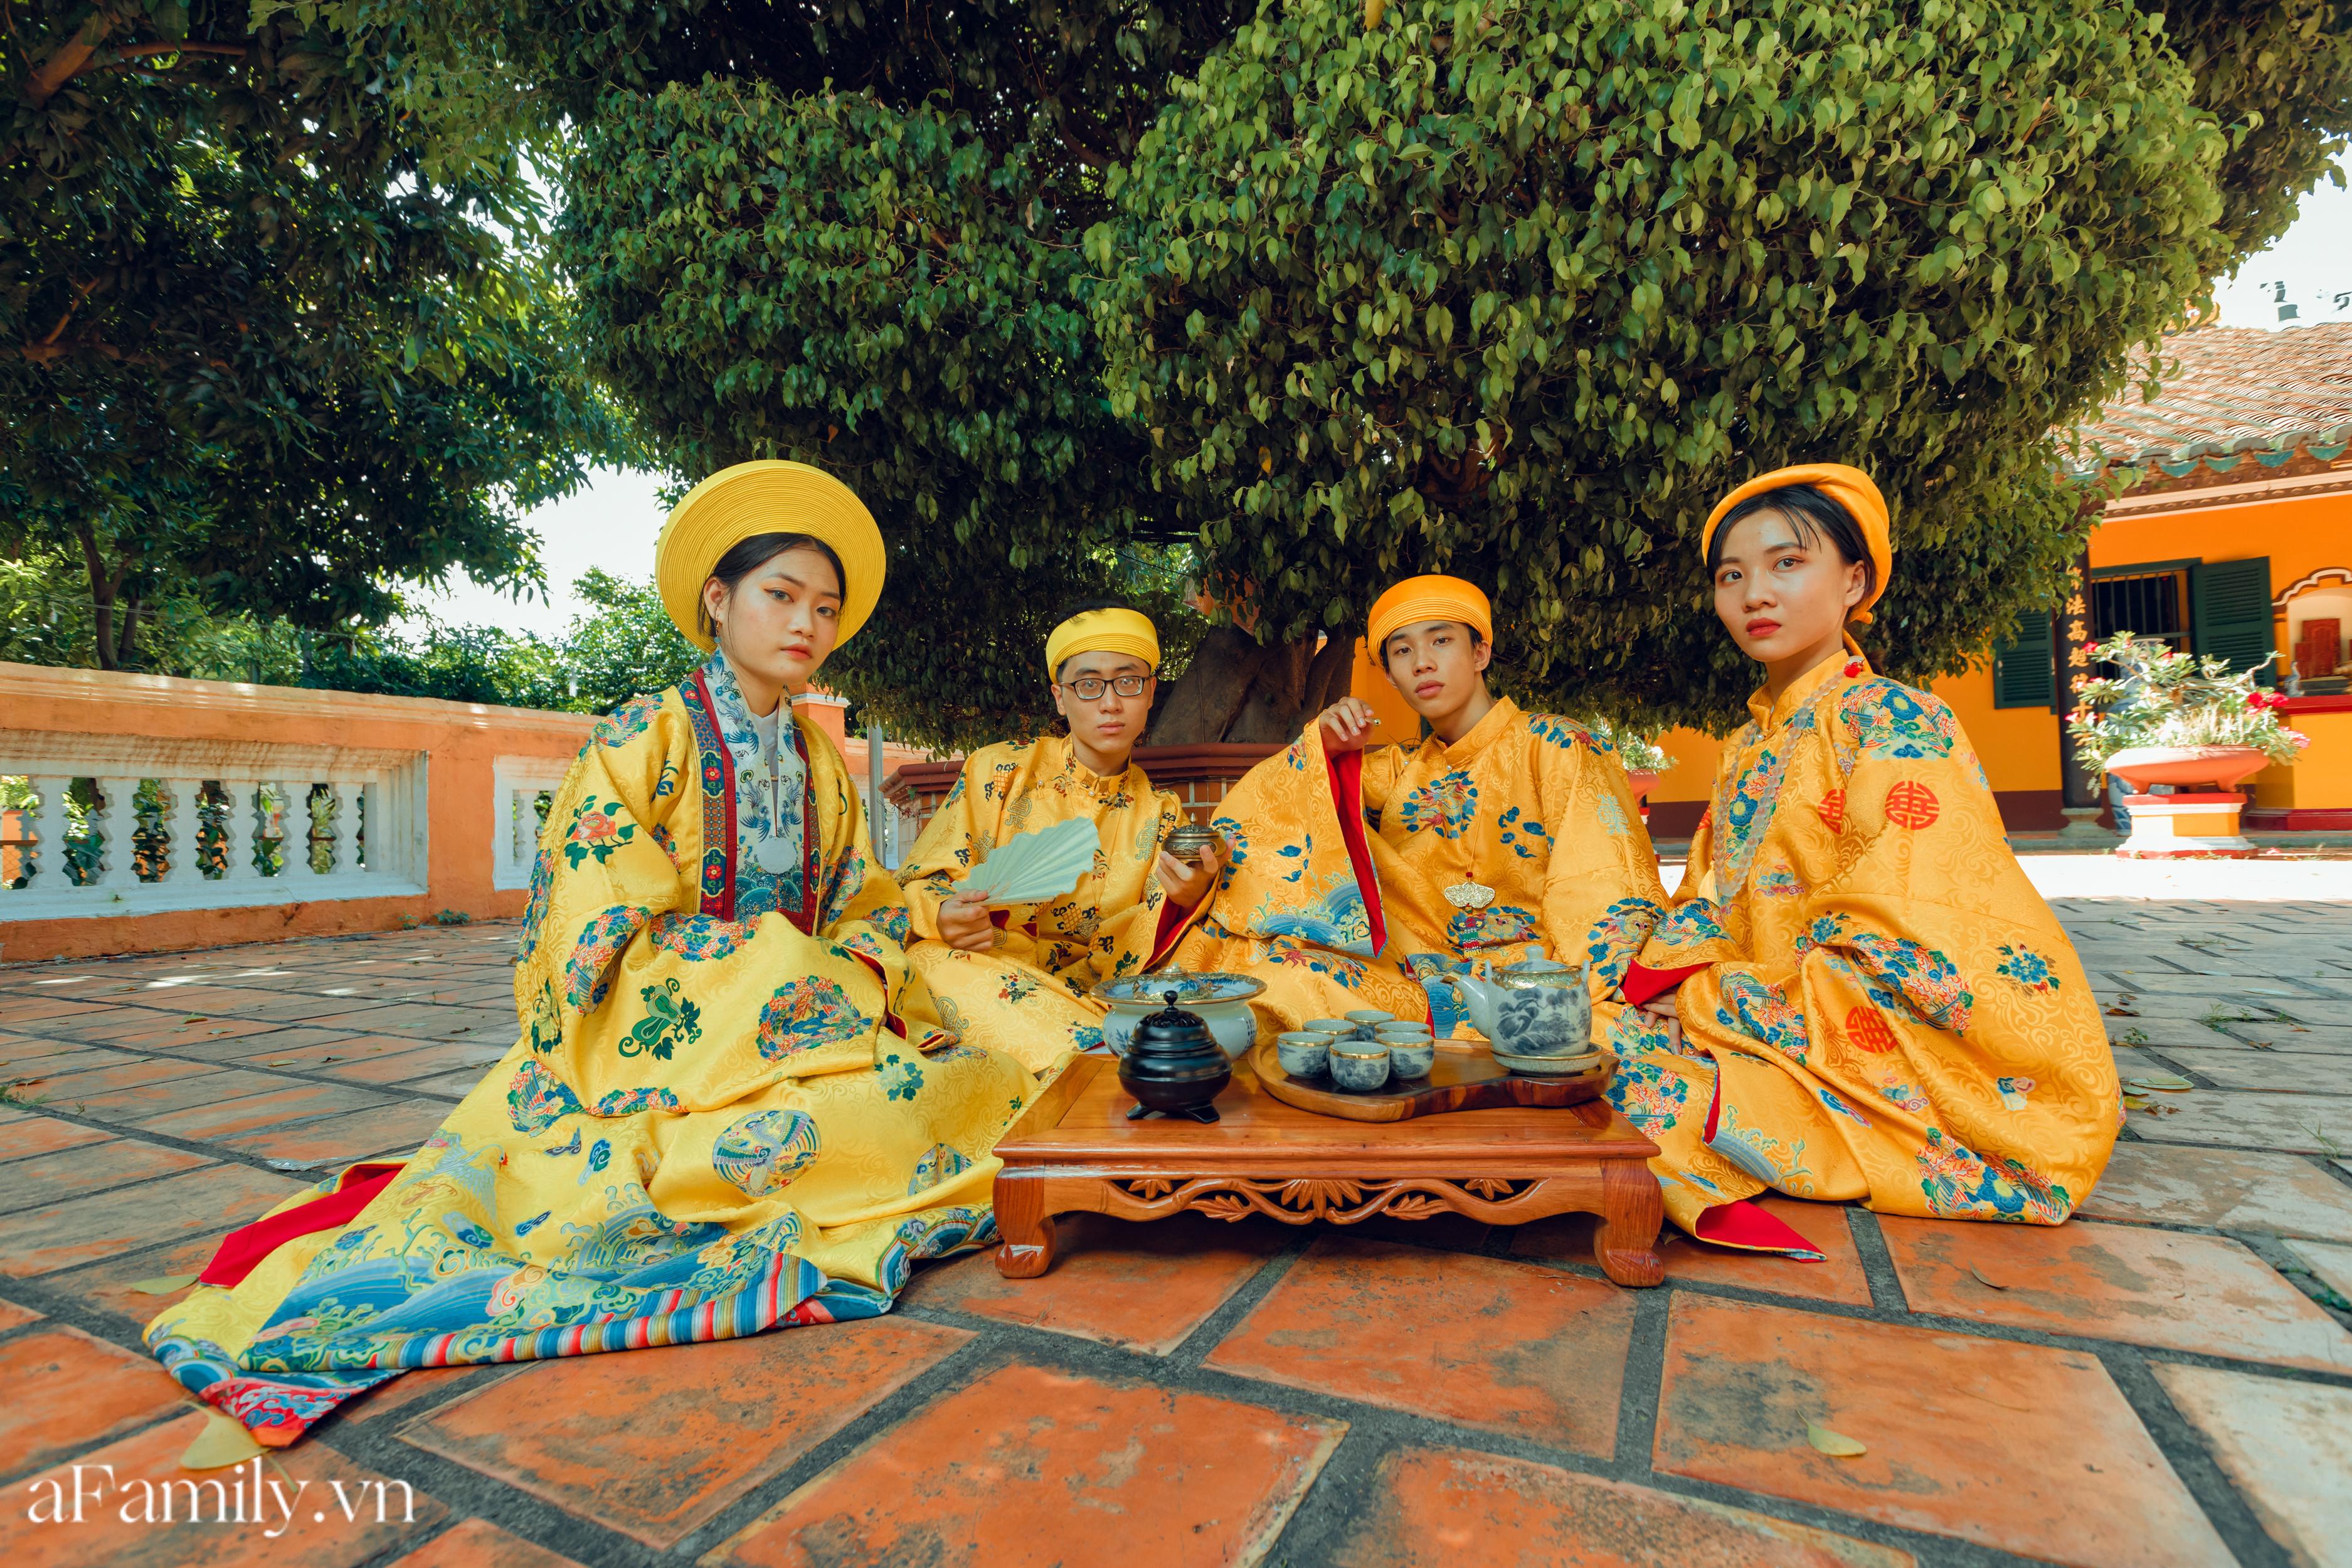 """Nhóm học sinh cấp 3 tìm về nét đẹp truyền thống, diện nguyên dàn cổ phục Việt chụp ảnh kỷ yếu, nhanh chóng thành tạo """"hot trend"""" trên mạng xã hội - Ảnh 12."""